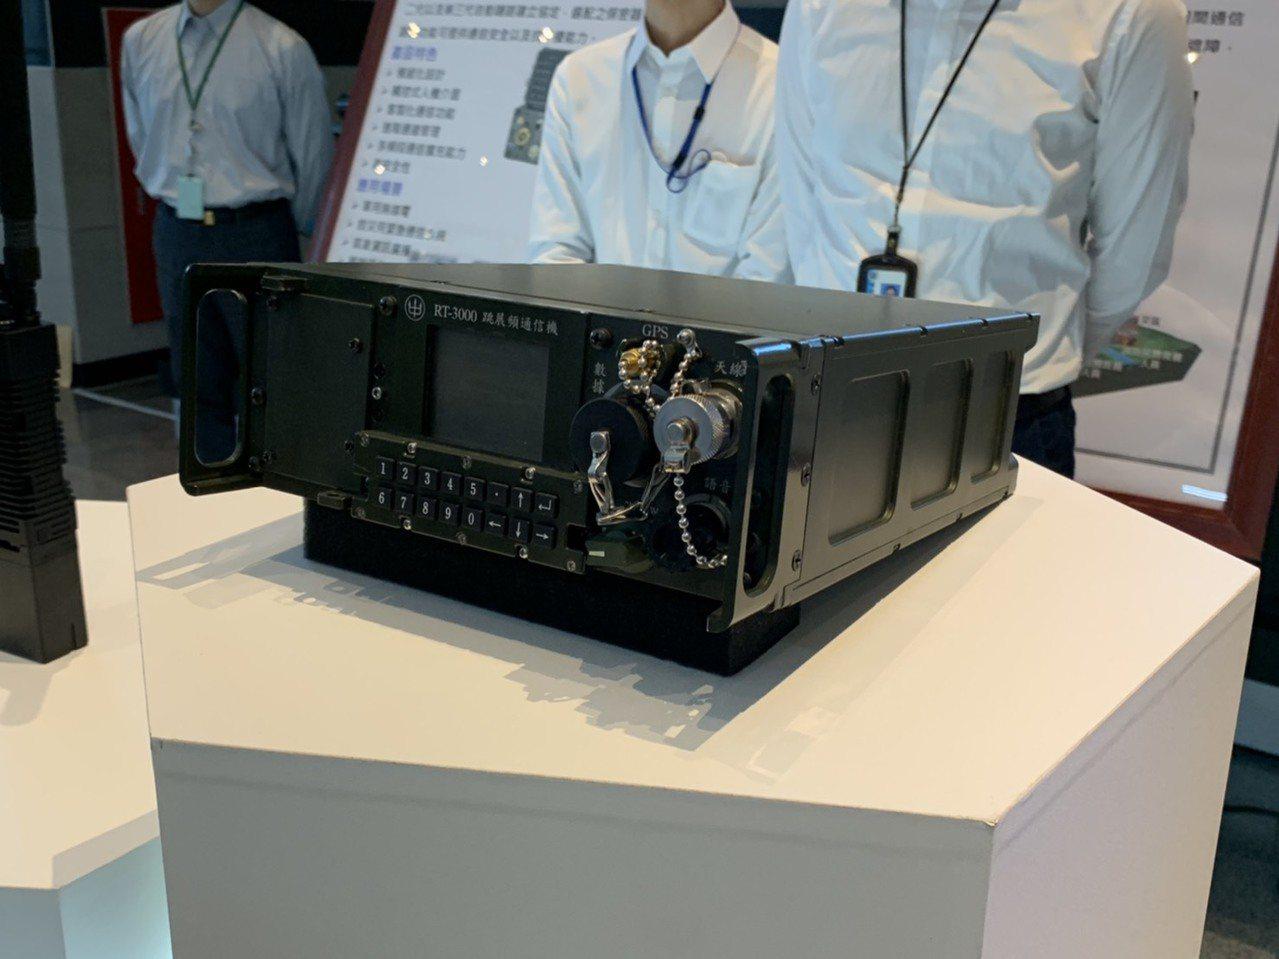 RT-3000通信機是中科院資通所自製新一代通信機種,具寬頻通信、保密安全及戰術...